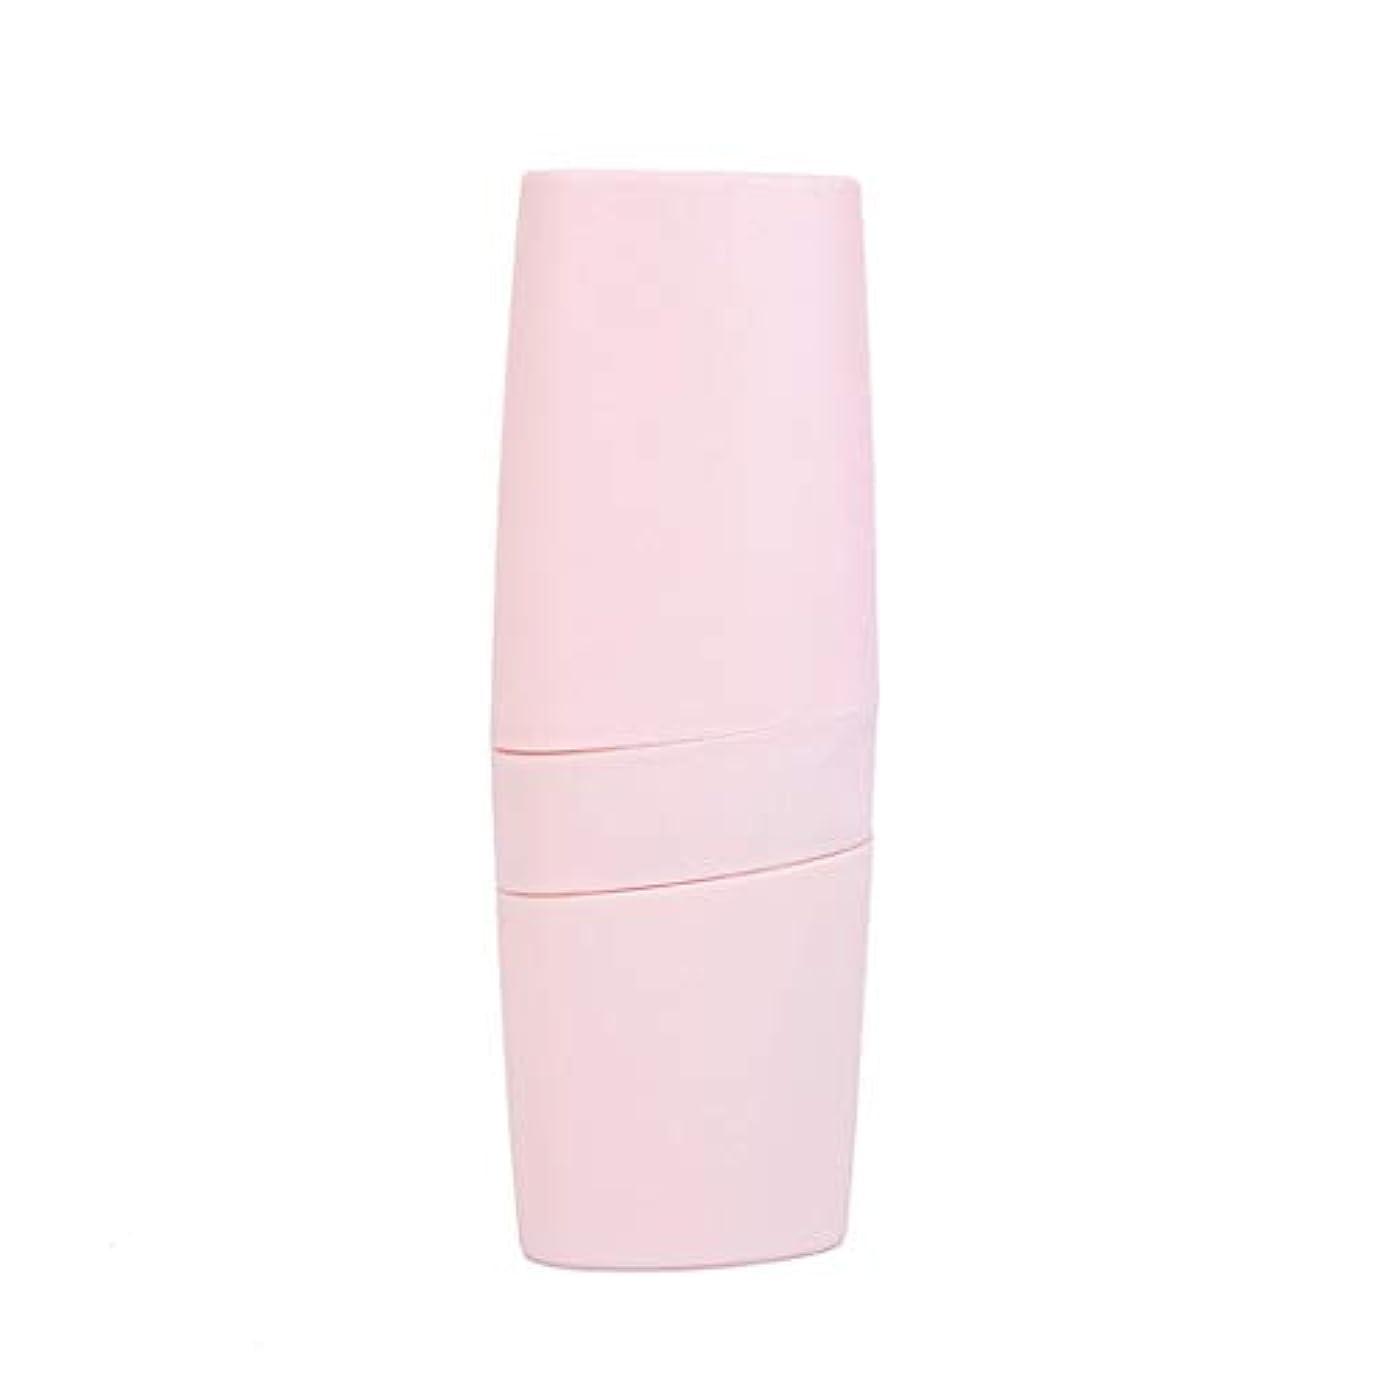 区別するペパーミント漂流Swiftgood 携帯用歯ブラシケース通気性歯磨き粉プラスチック収納ボックス大型歯ブラシケース